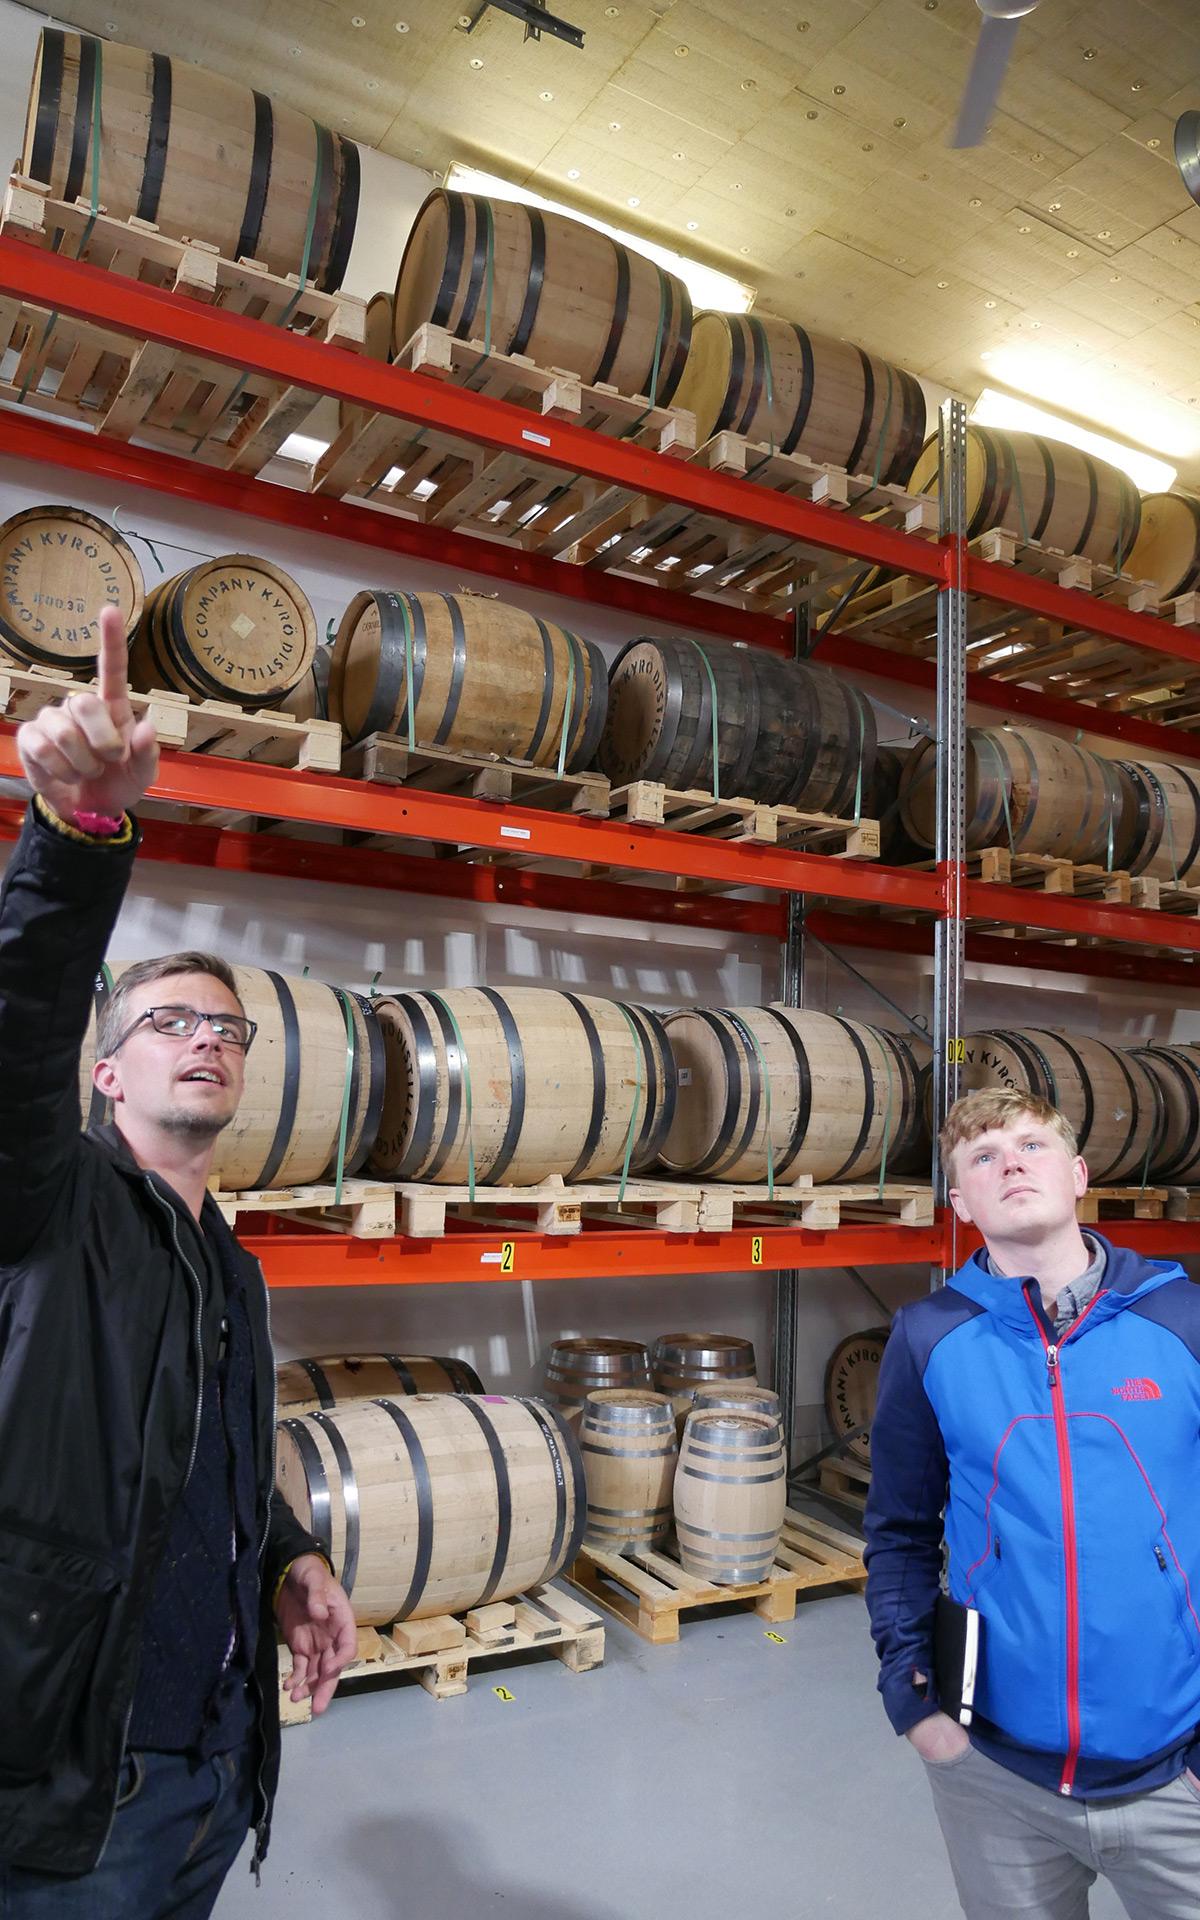 Vielfältige Holzfässer: Miko Heinilä erklärt das Fasslager. (Foto: Alkoblog